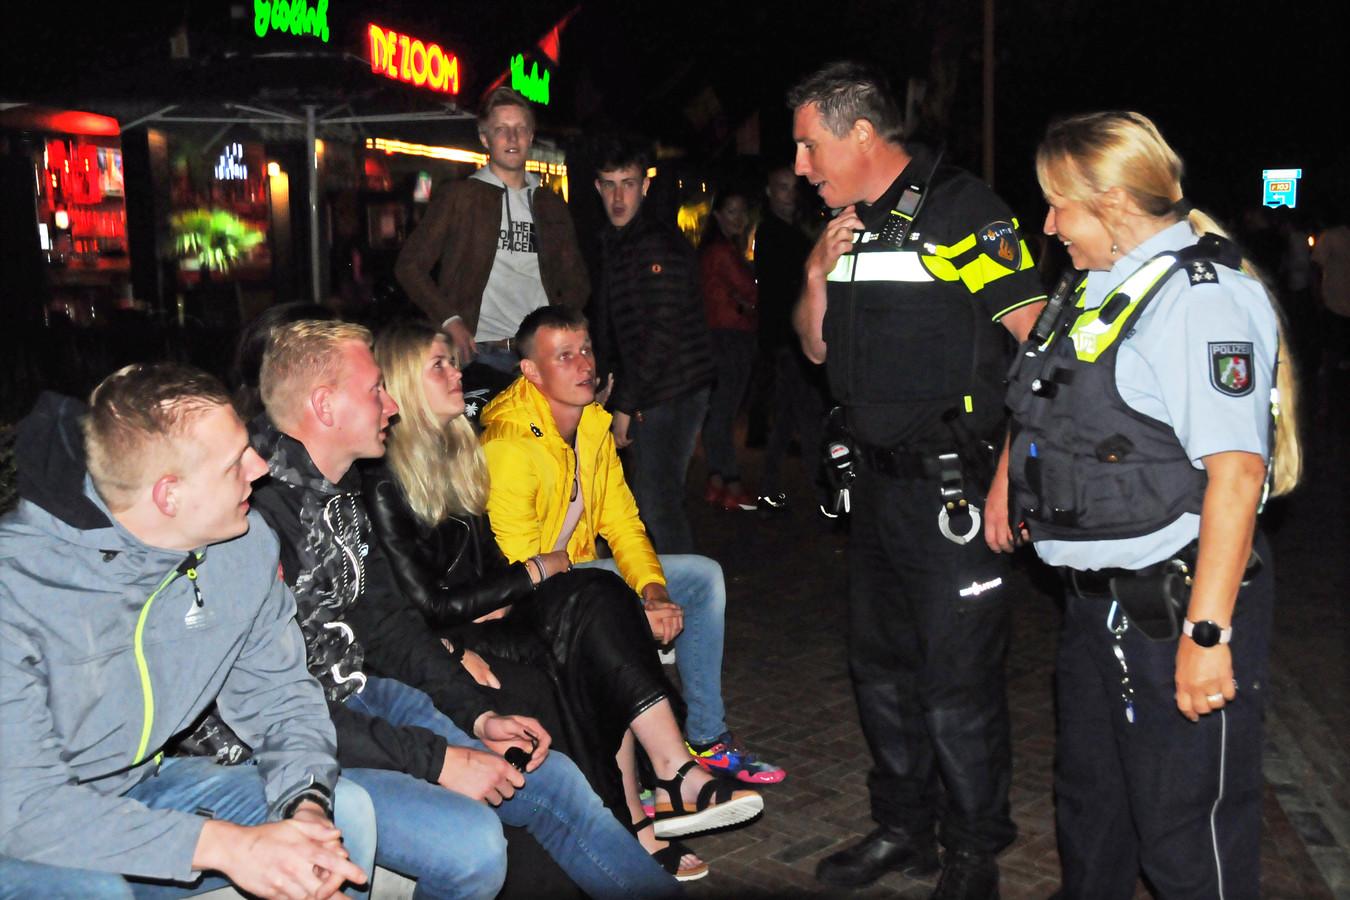 Politieagent Richard den Boer en zijn Duitse collega Claudia Jacobsen op patrouille door middernachtelijk Renesse